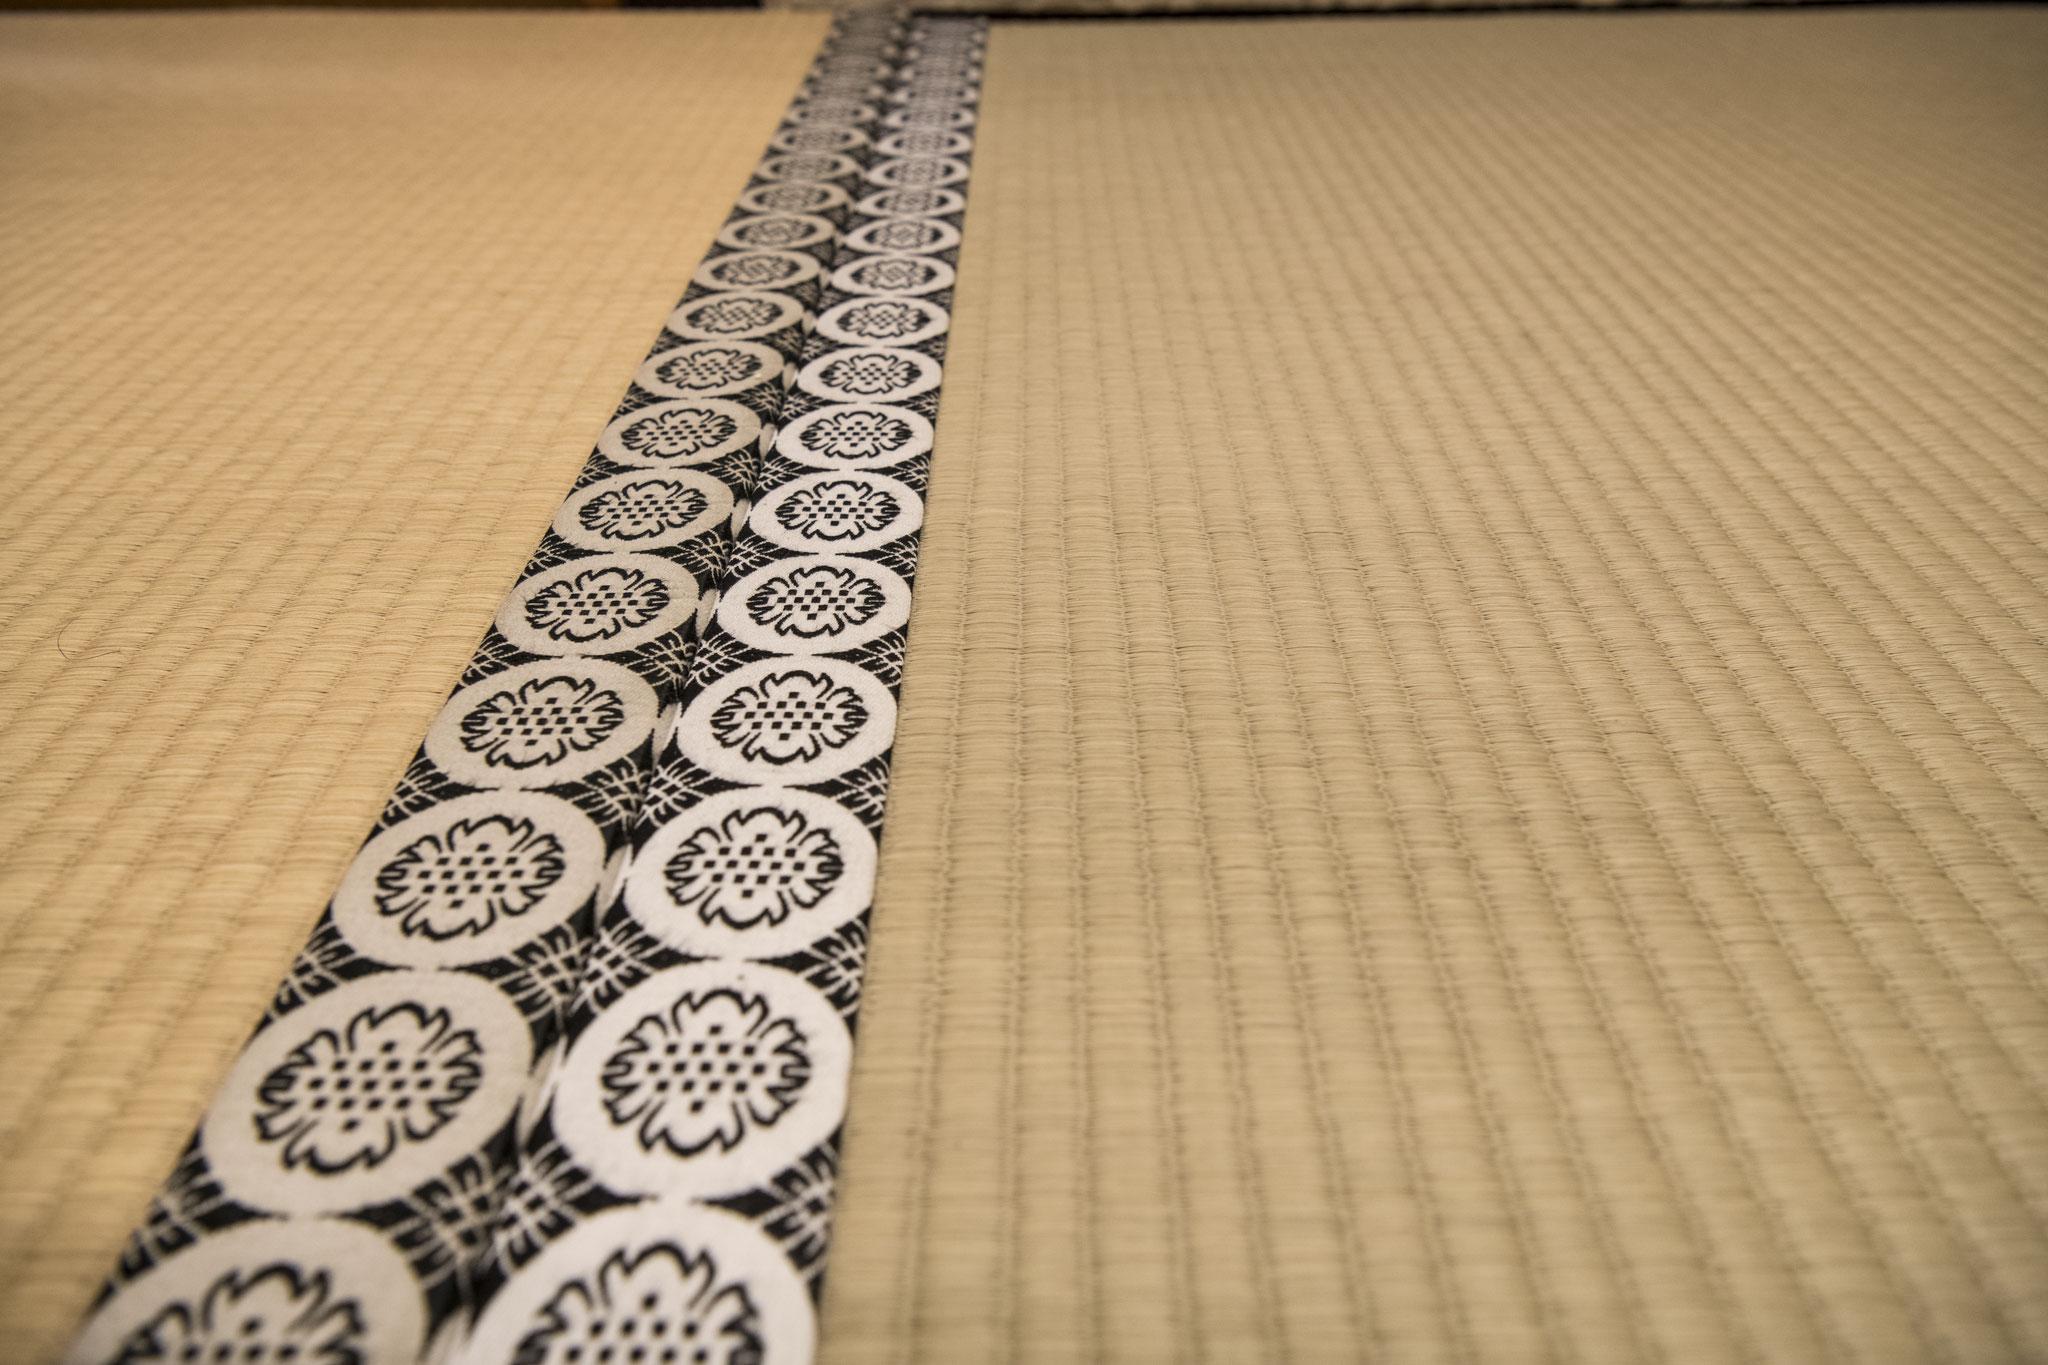 手織り中継ぎ表と言われる、幻の技法で仕上げた備後が誇る日本一の畳表を使用。